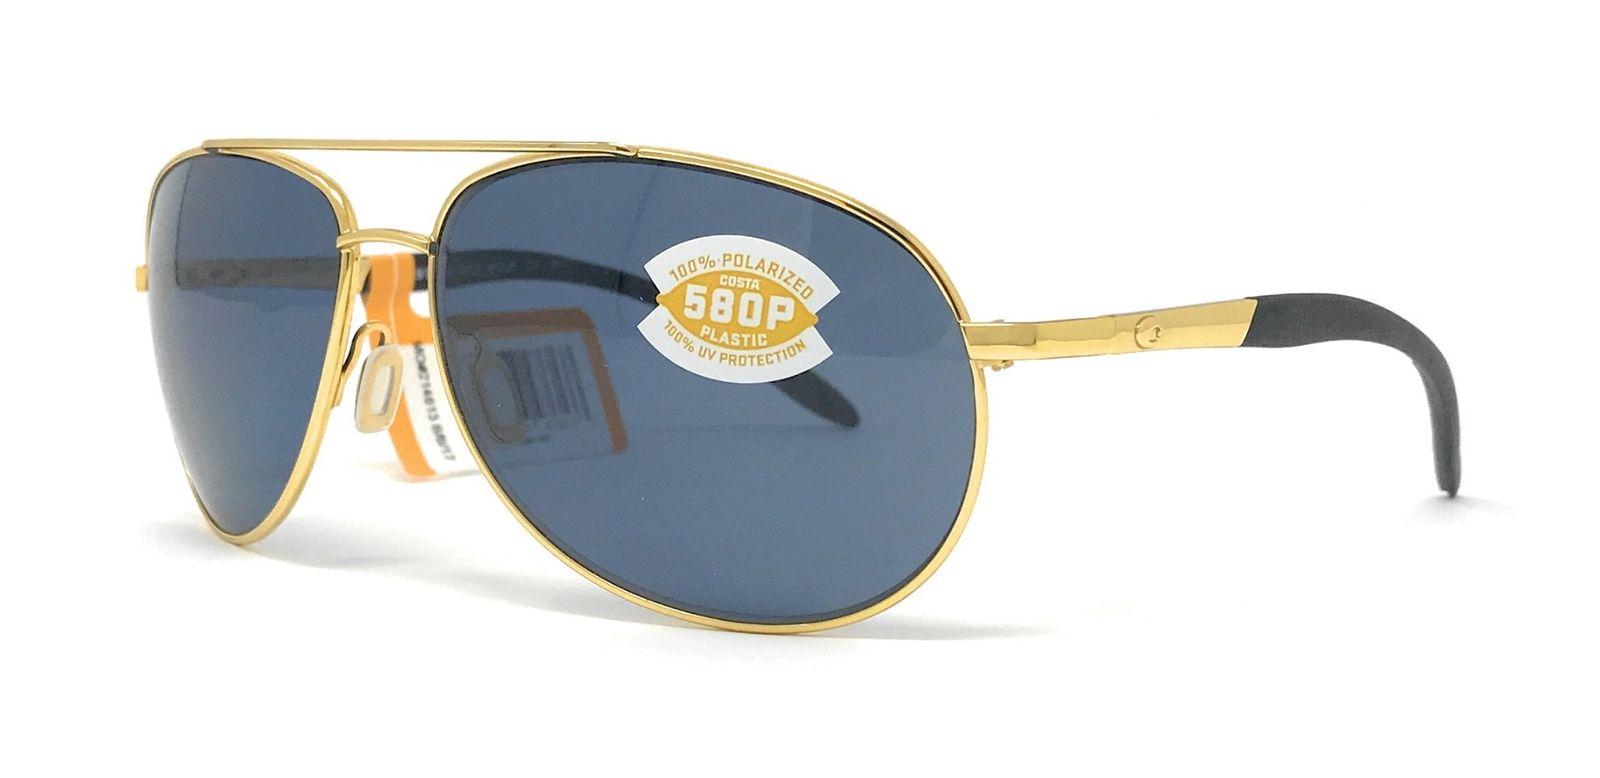 1fbd7d6c00 Costa Del Mar Wingman Sunglasses - Gold   Gray 580P WM26OGP ...